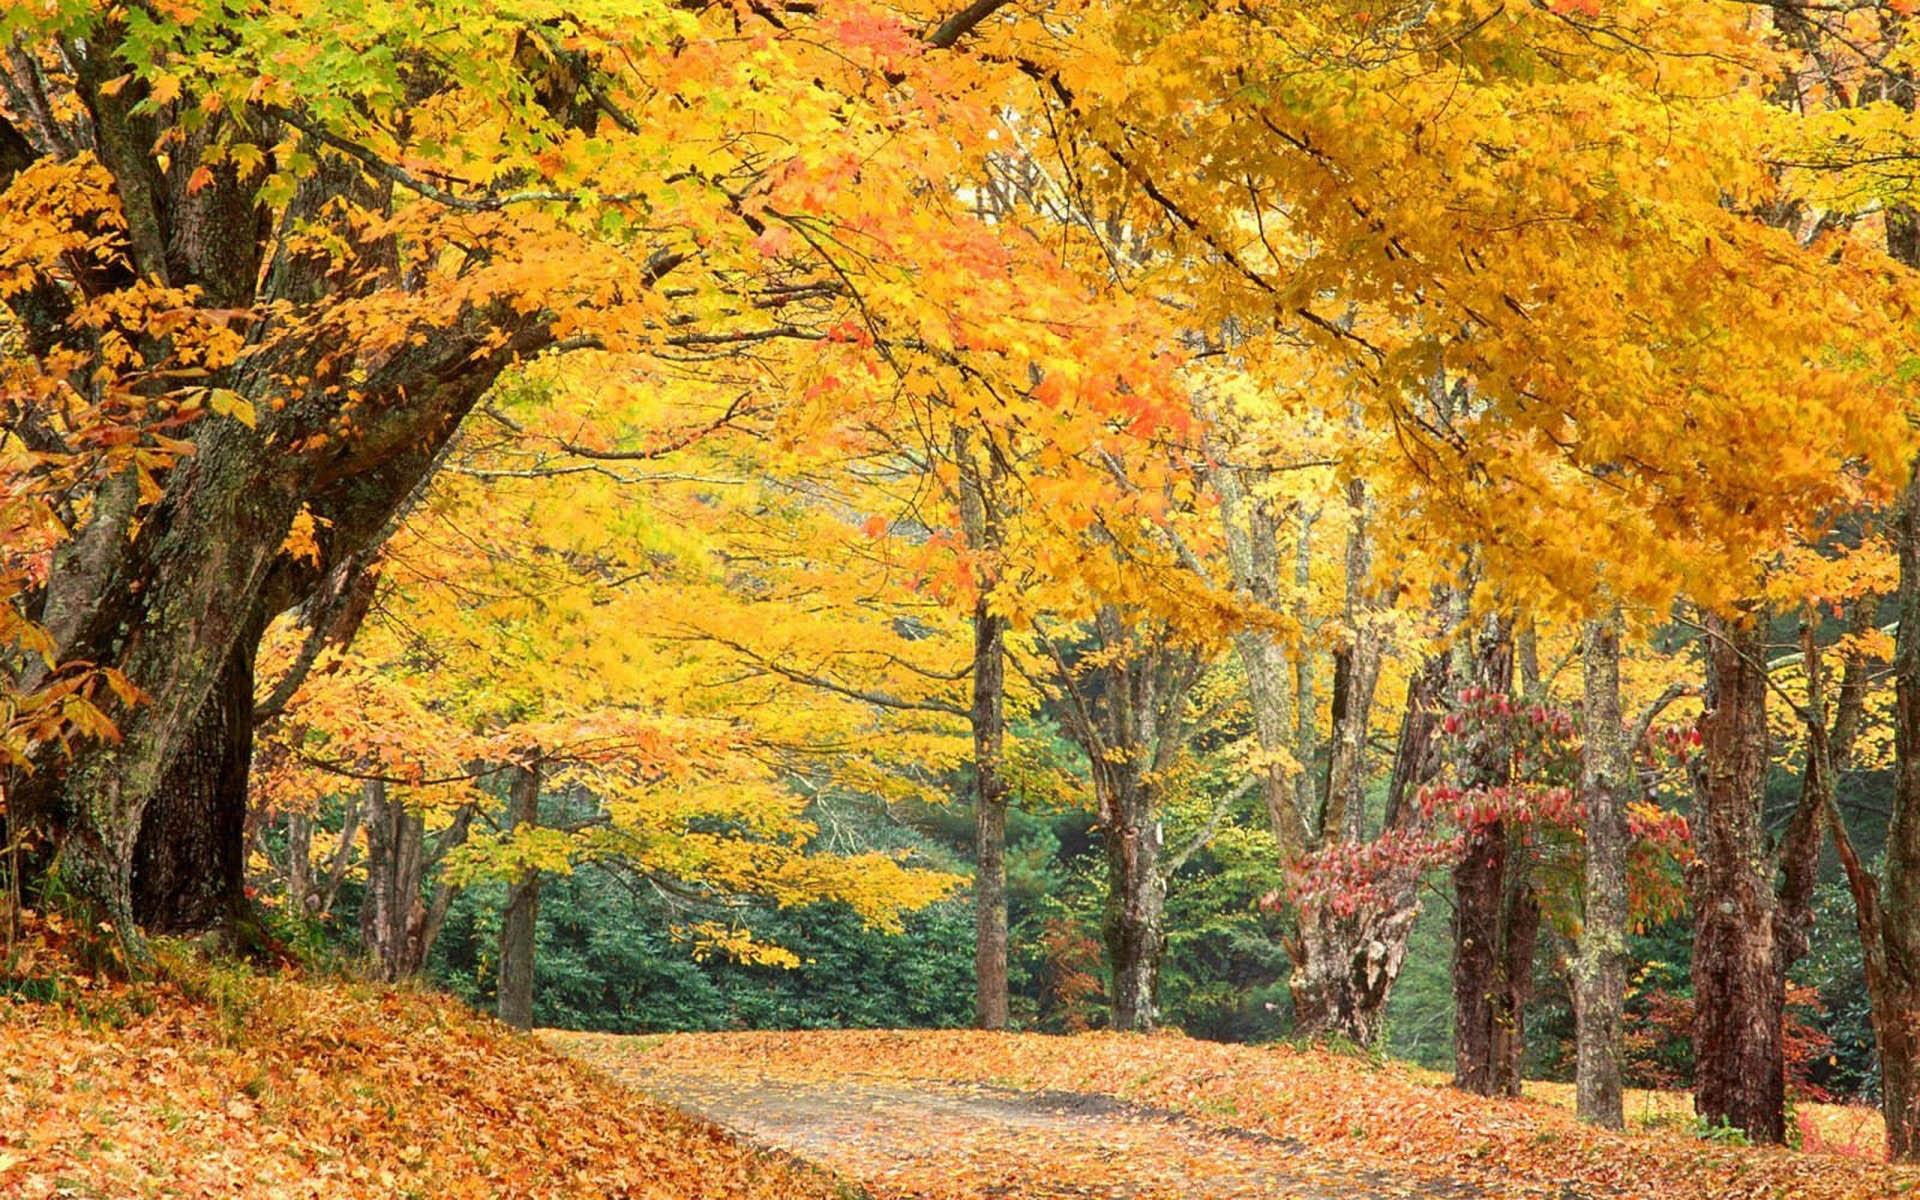 Autumn Scenes 1920x1200 Wallpapers 1920x1200 Wallpapers 1920x1200